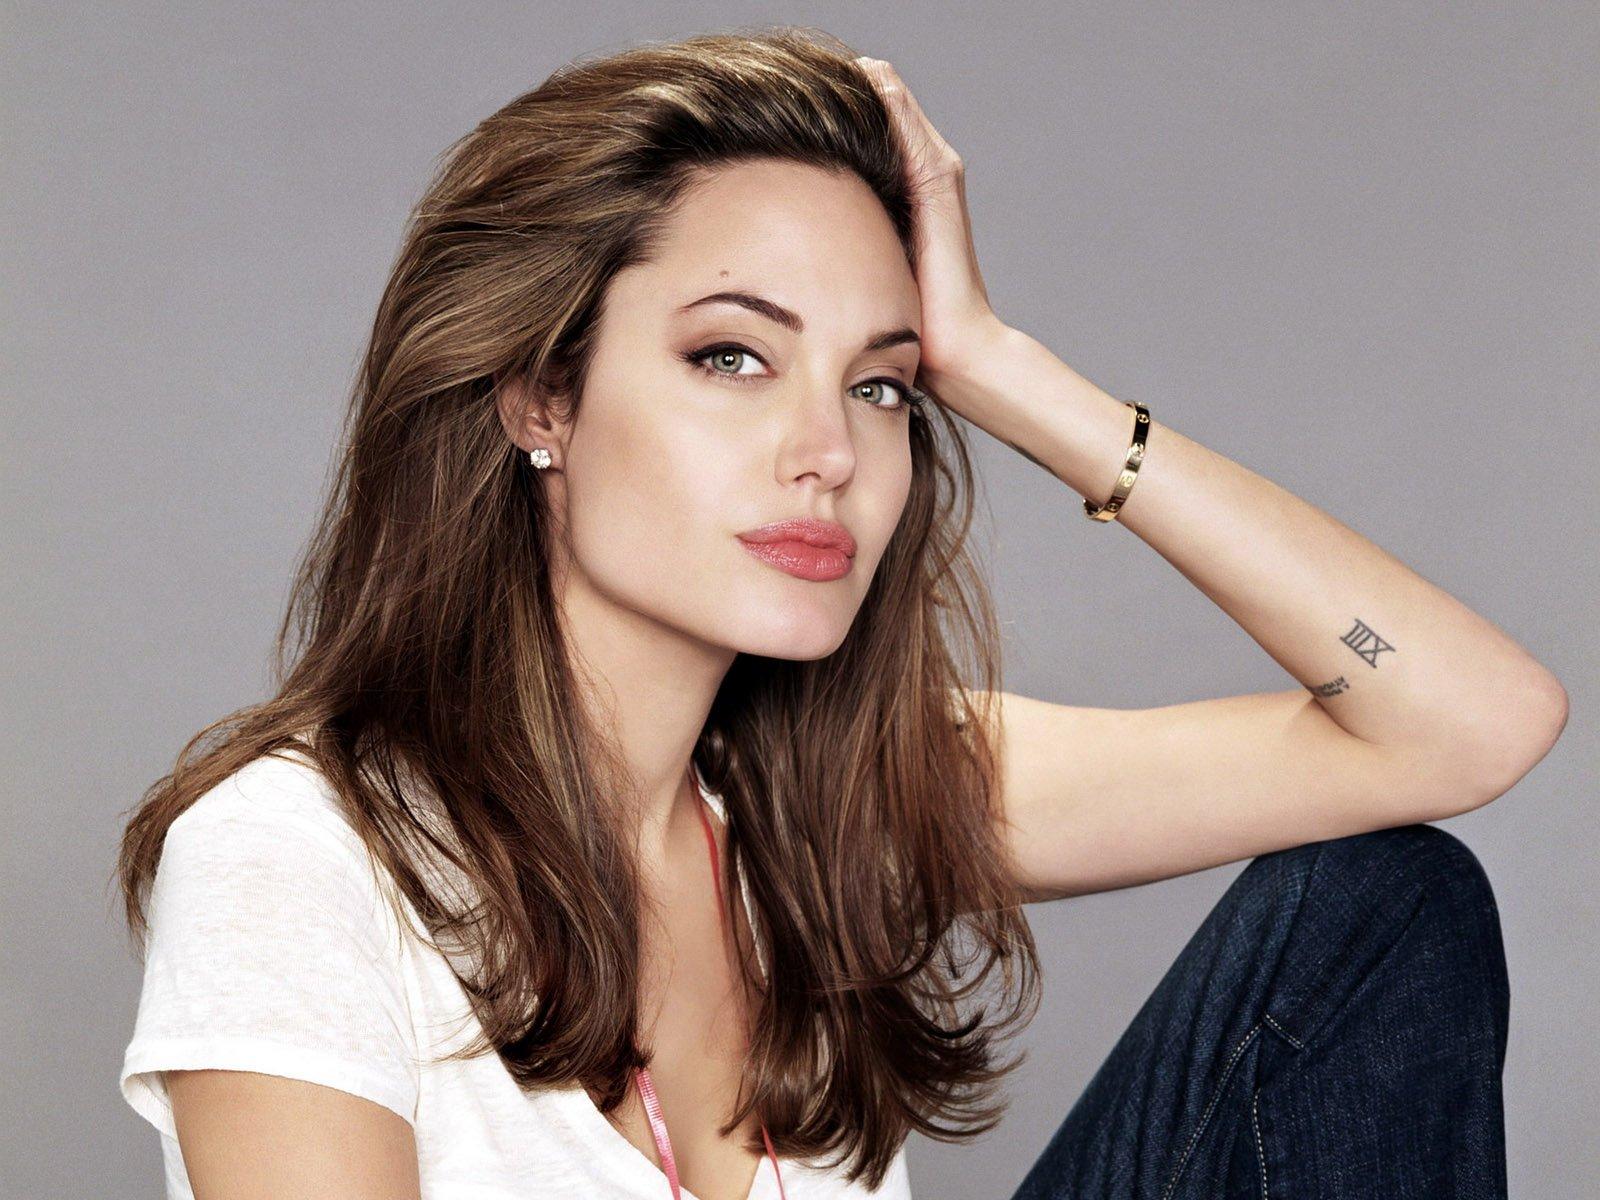 Анджелина Джоли пытается вернуть бывшего мужа с помощью магии